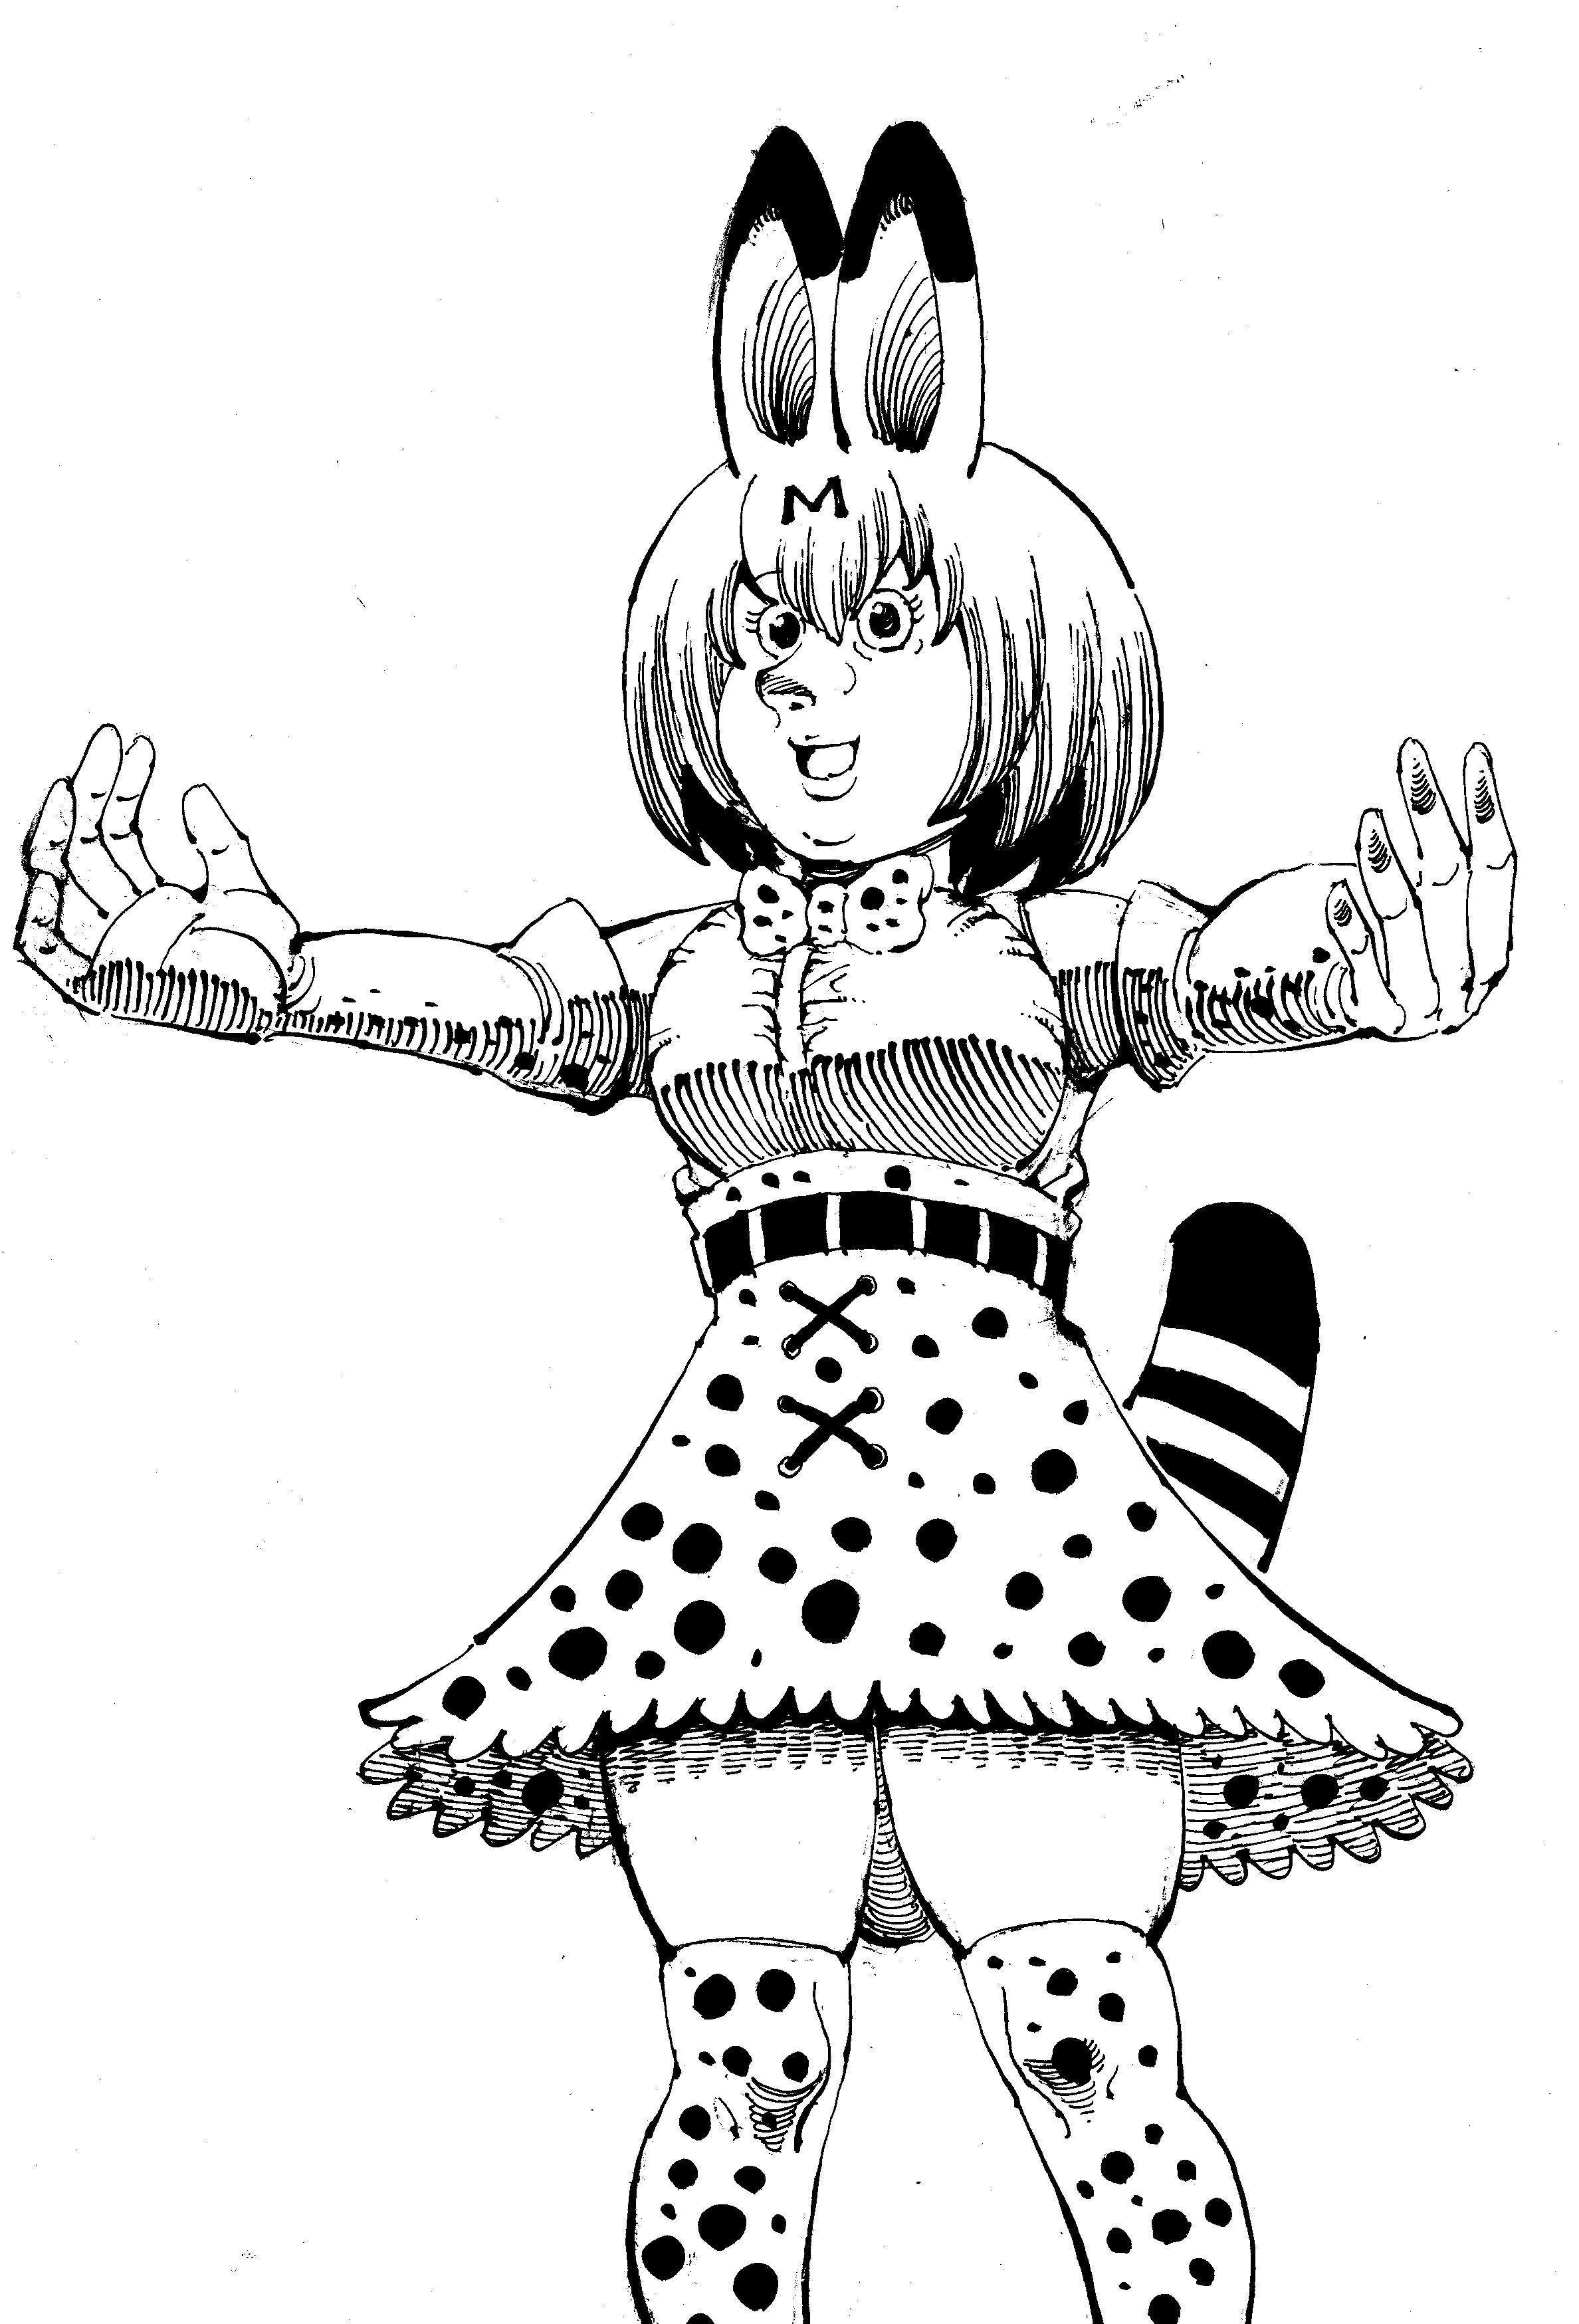 【日記】サーバルちゃんを描いた